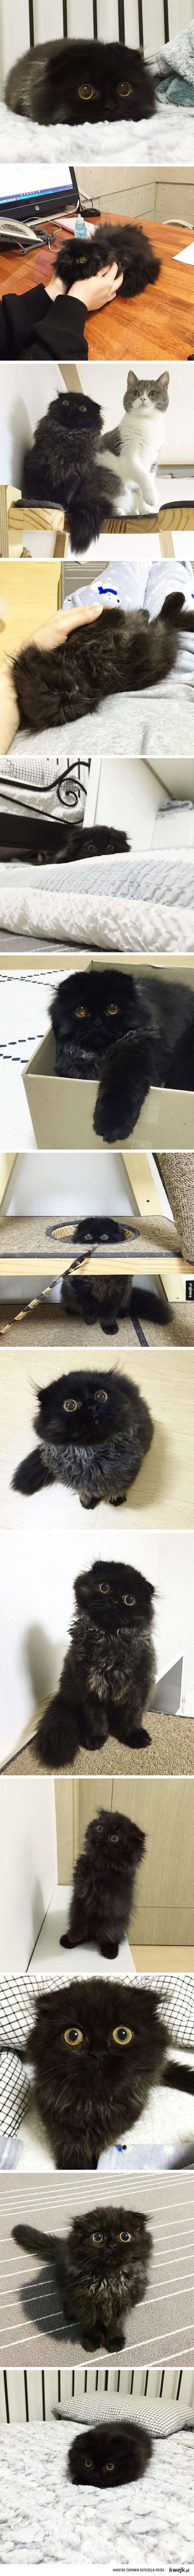 Kot z wielkimi oczami